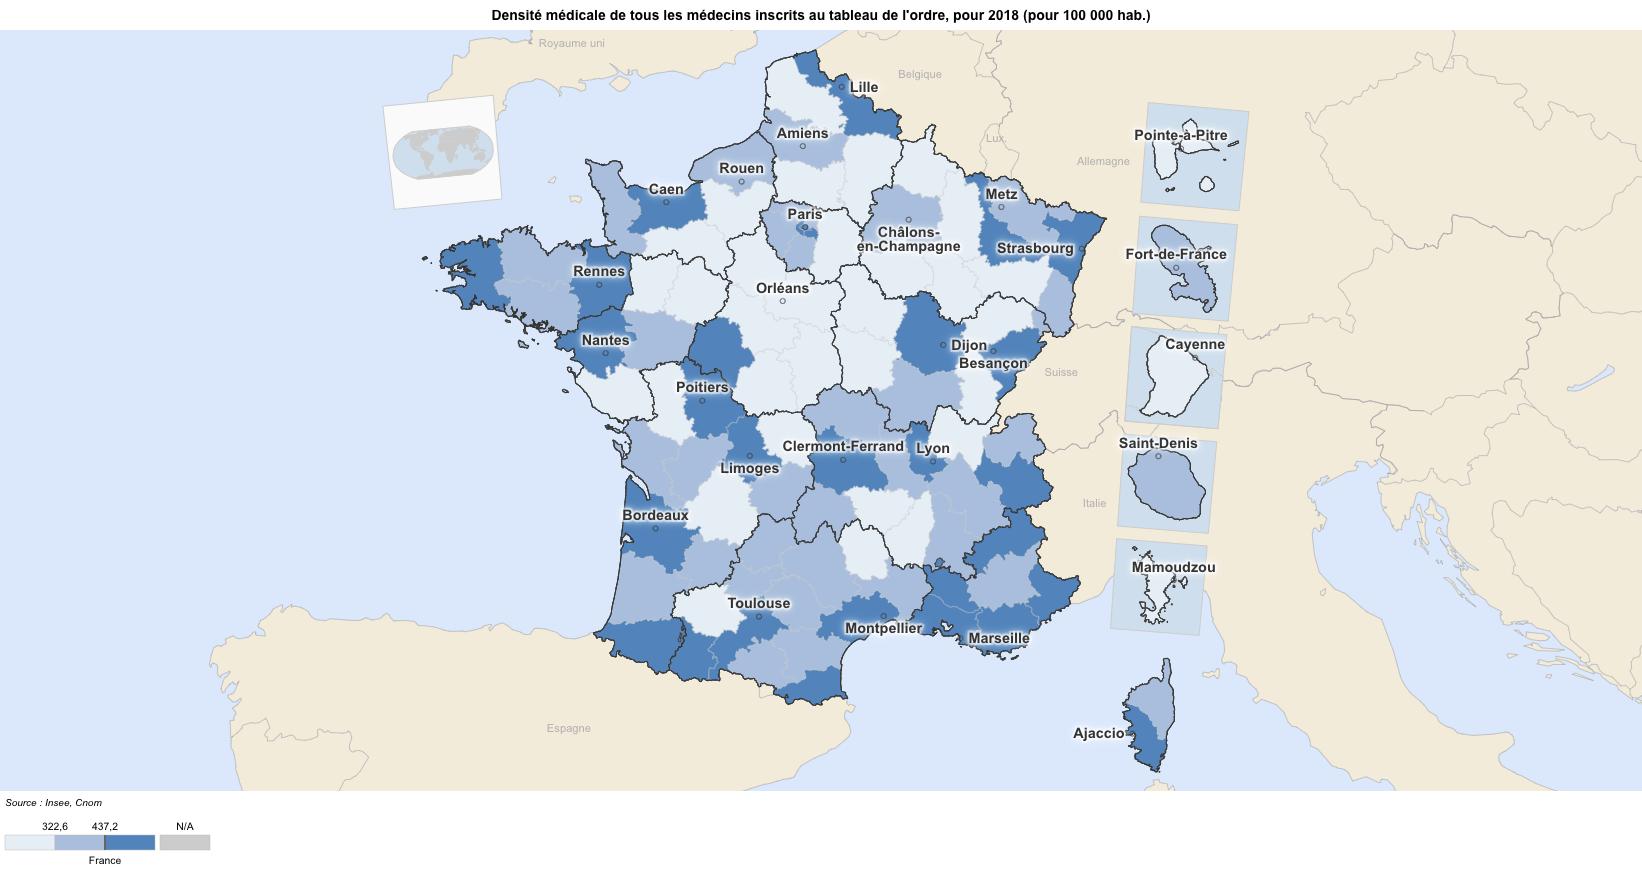 Carte deserts medicaux france 2018